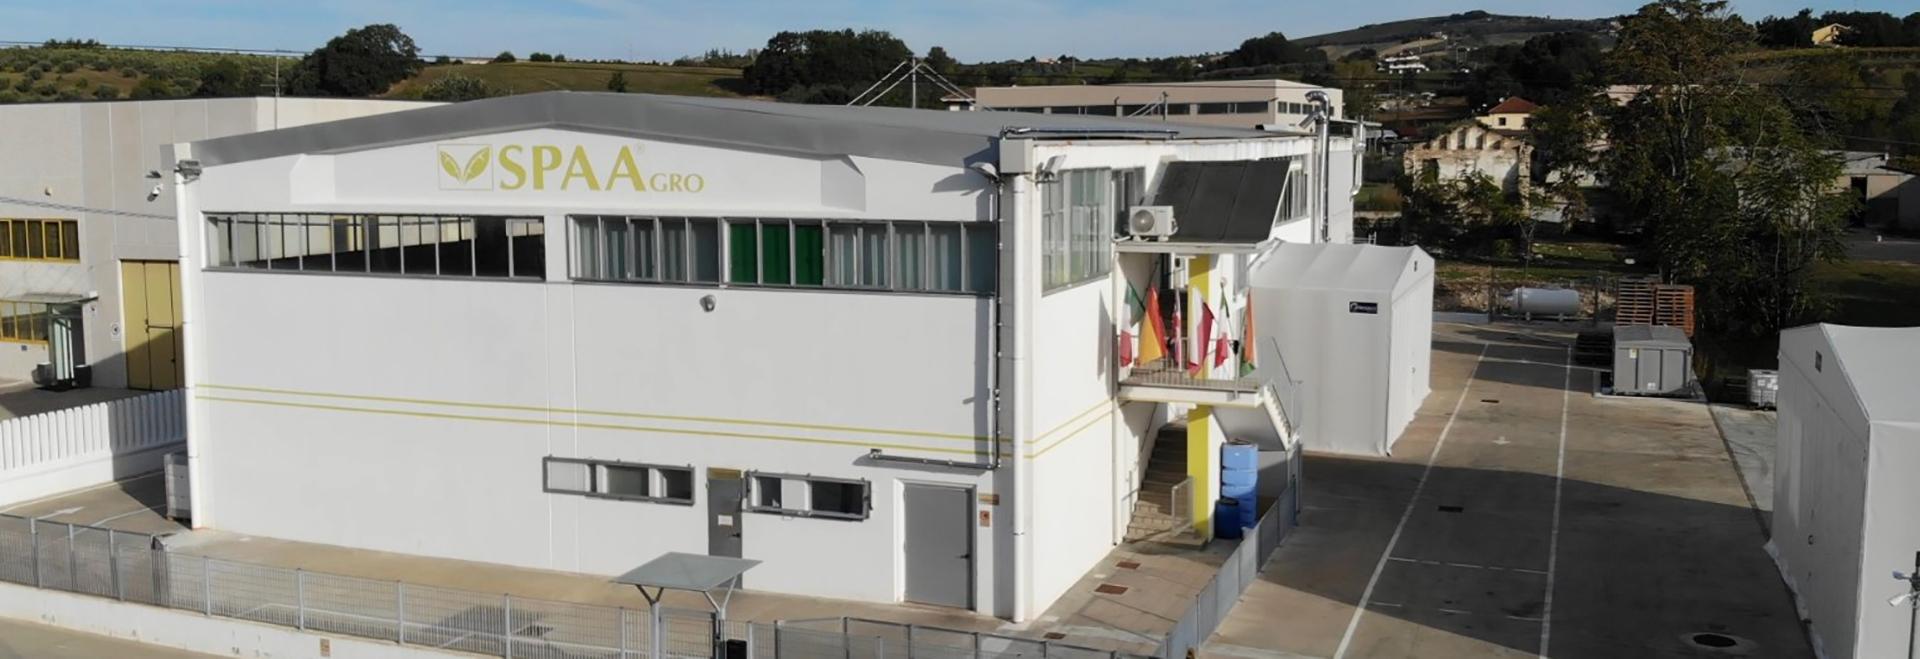 Azienda SPAA